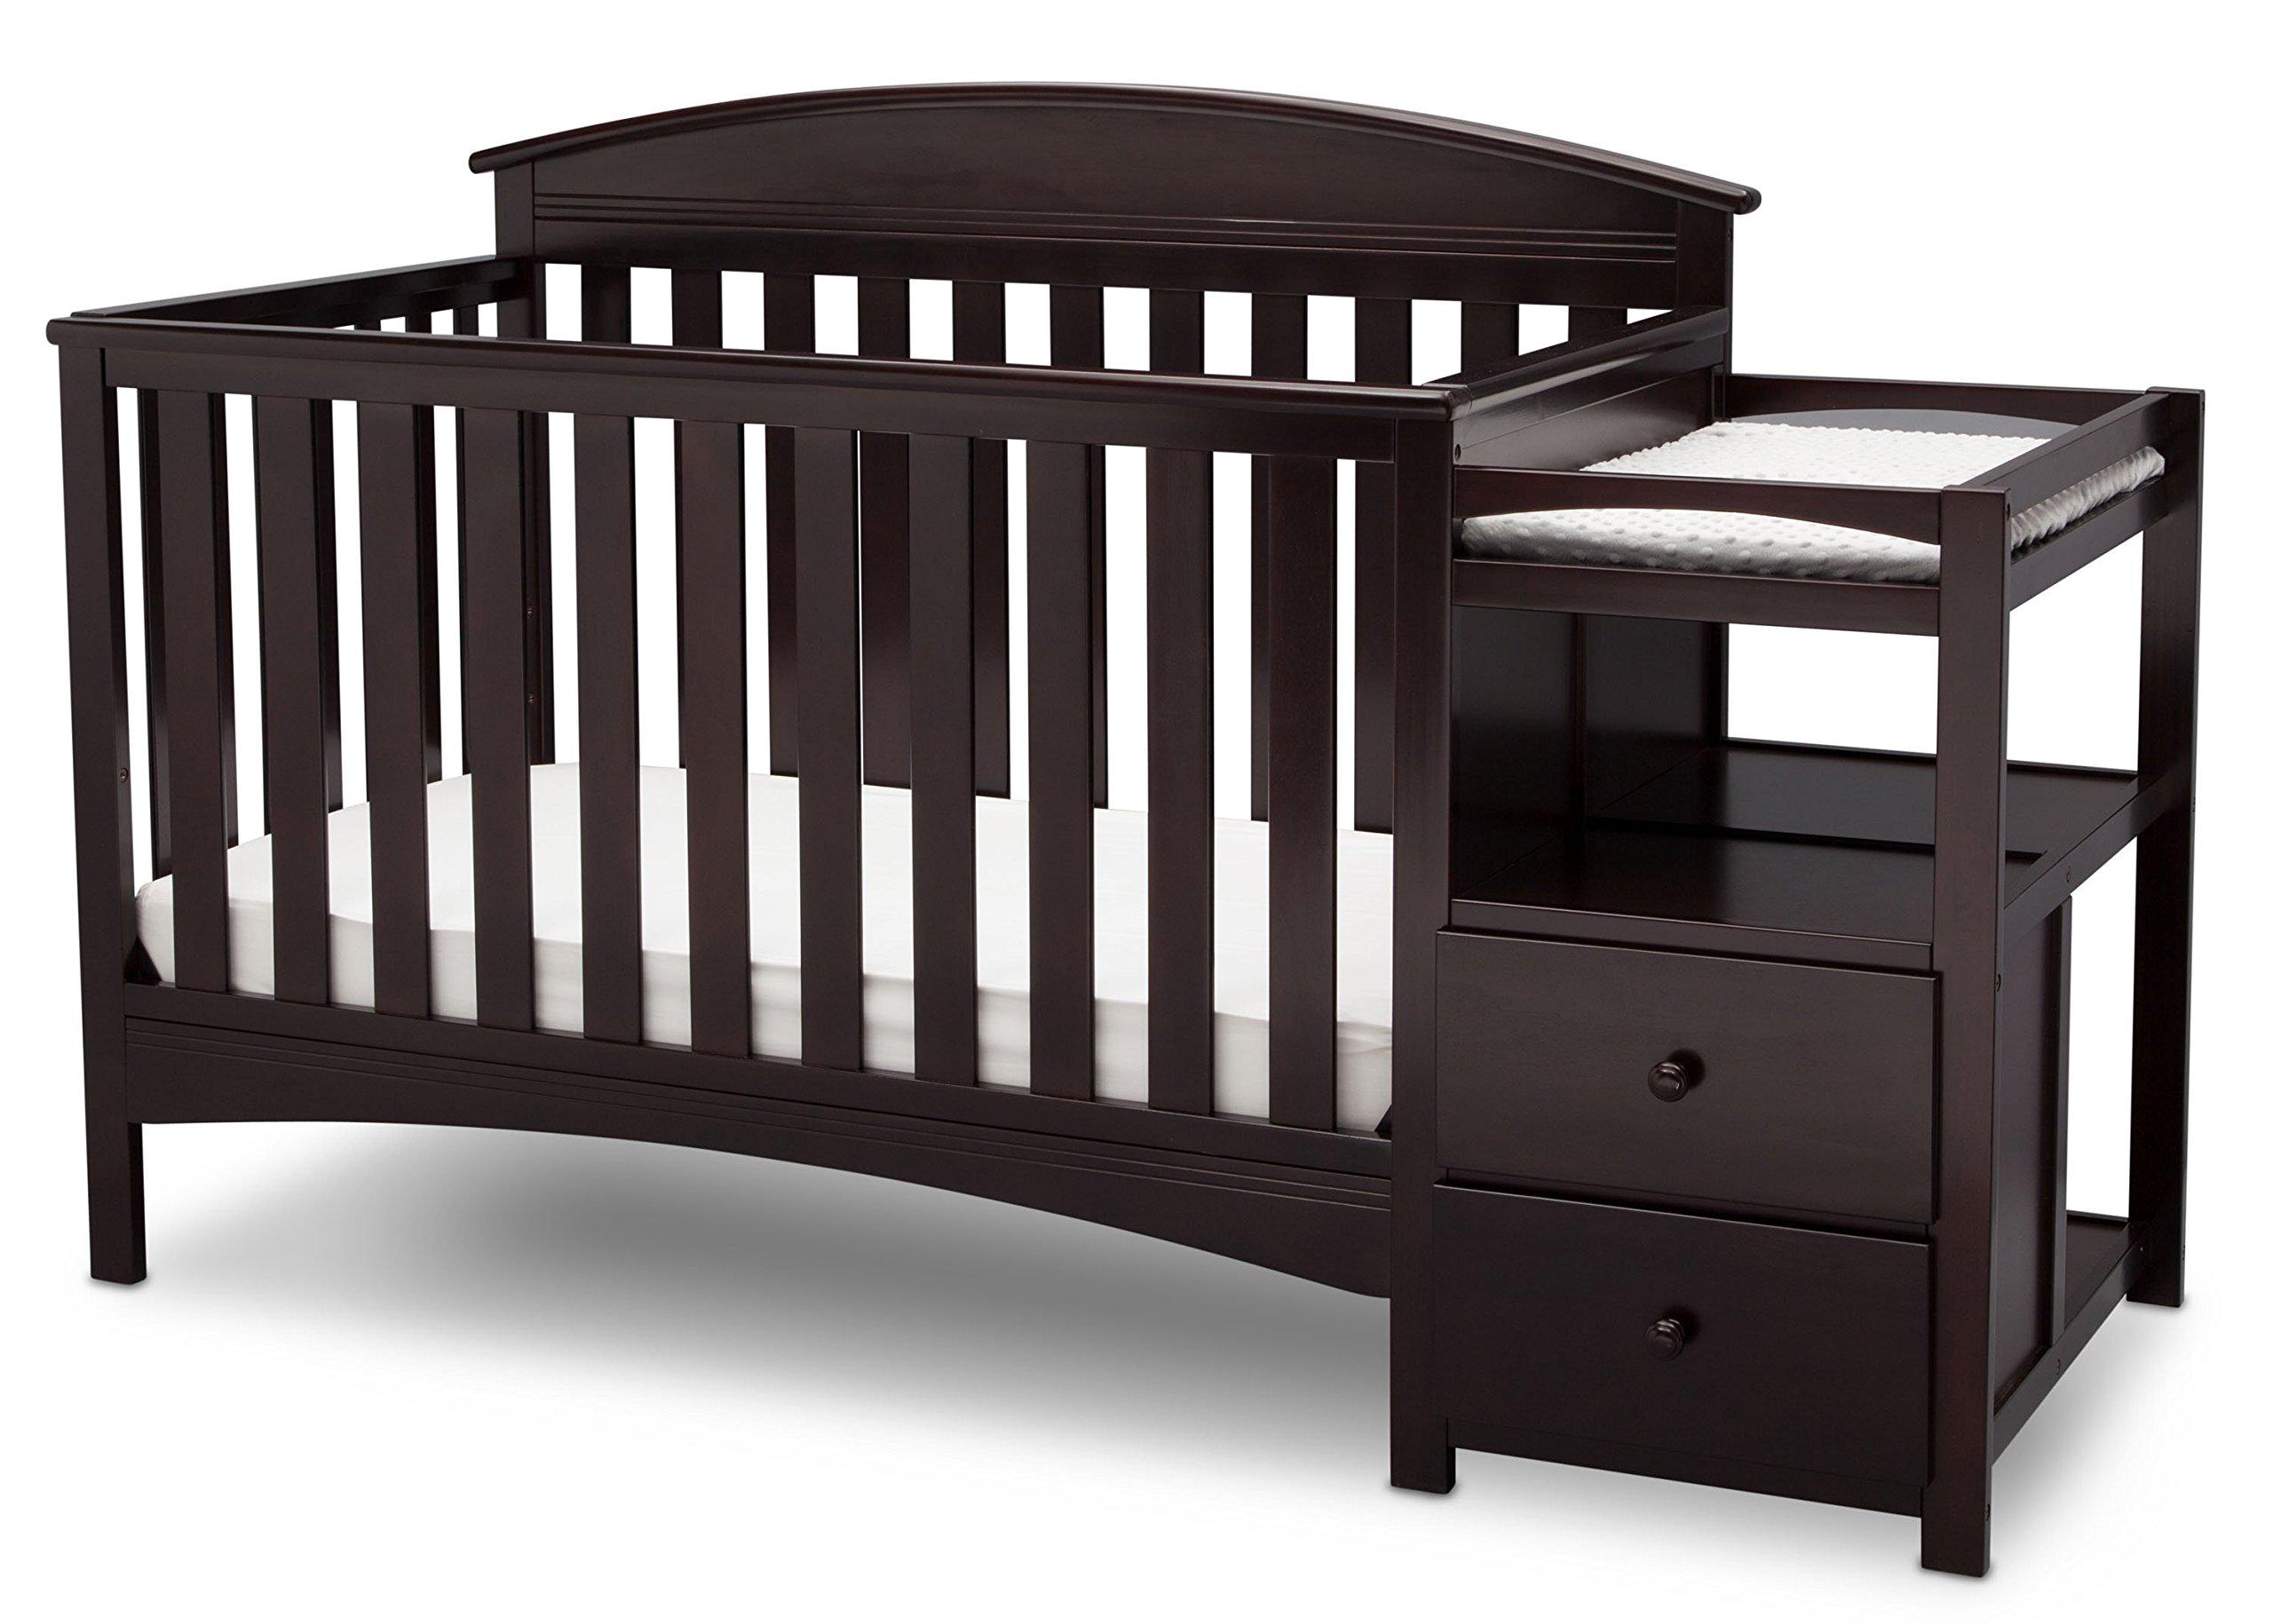 Delta Children Abby Convertible Crib 'N' Changer, Dark Chocolate